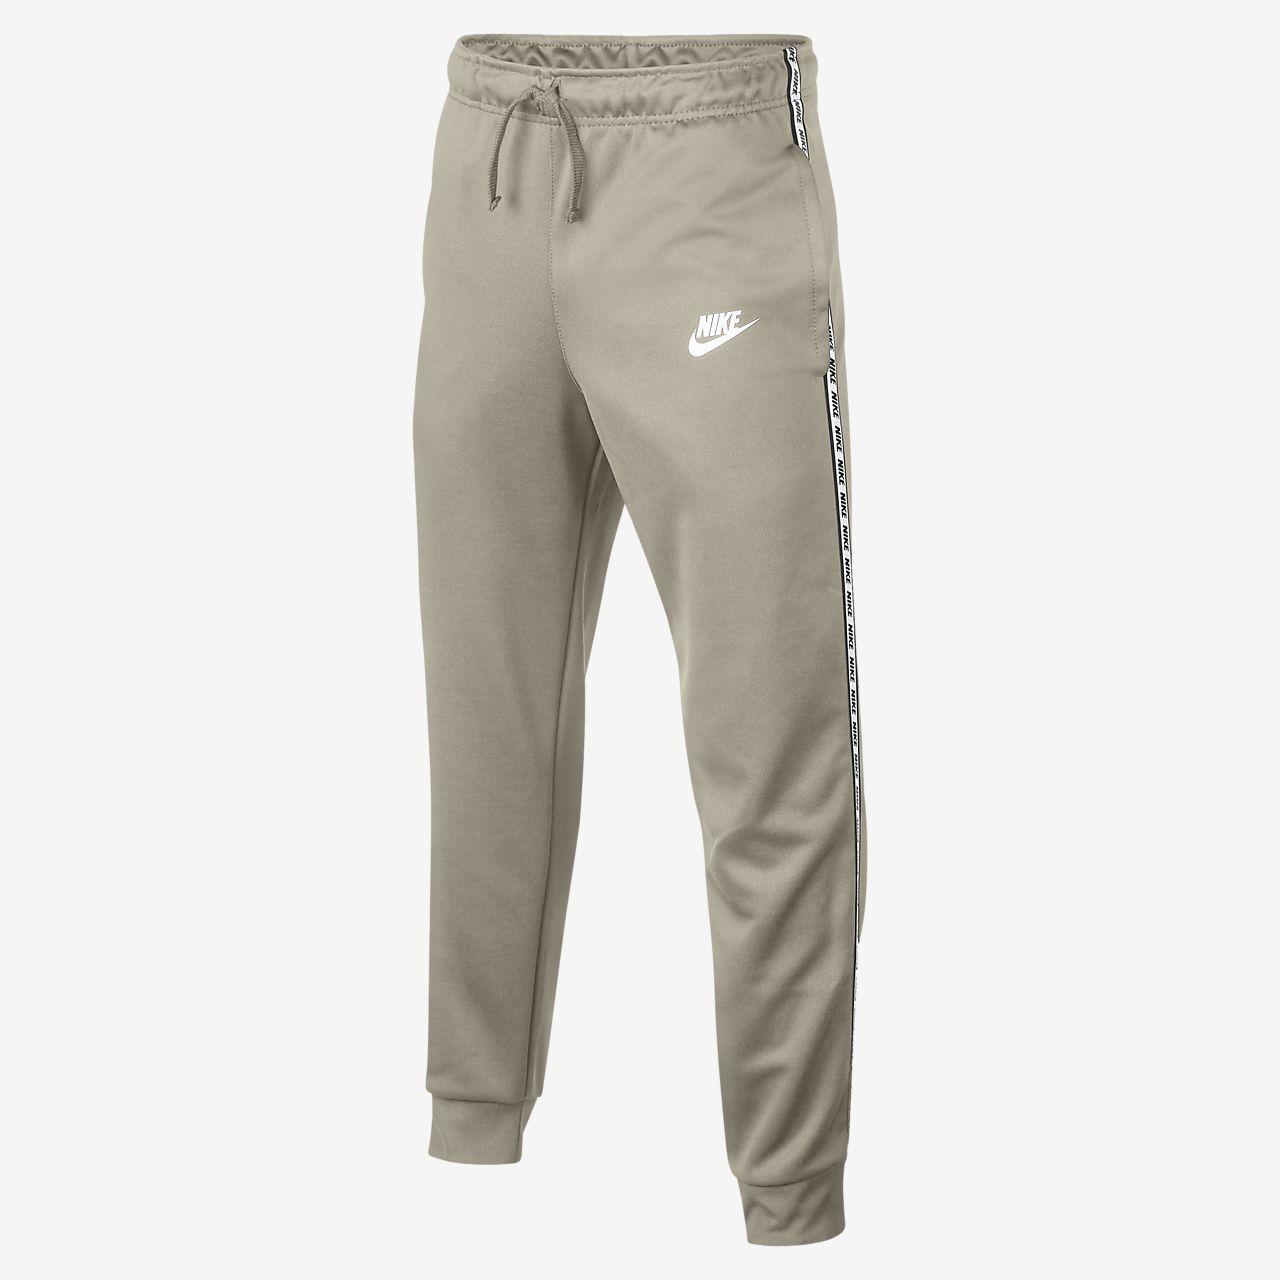 Nike Sportswear Hose für ältere Kinder